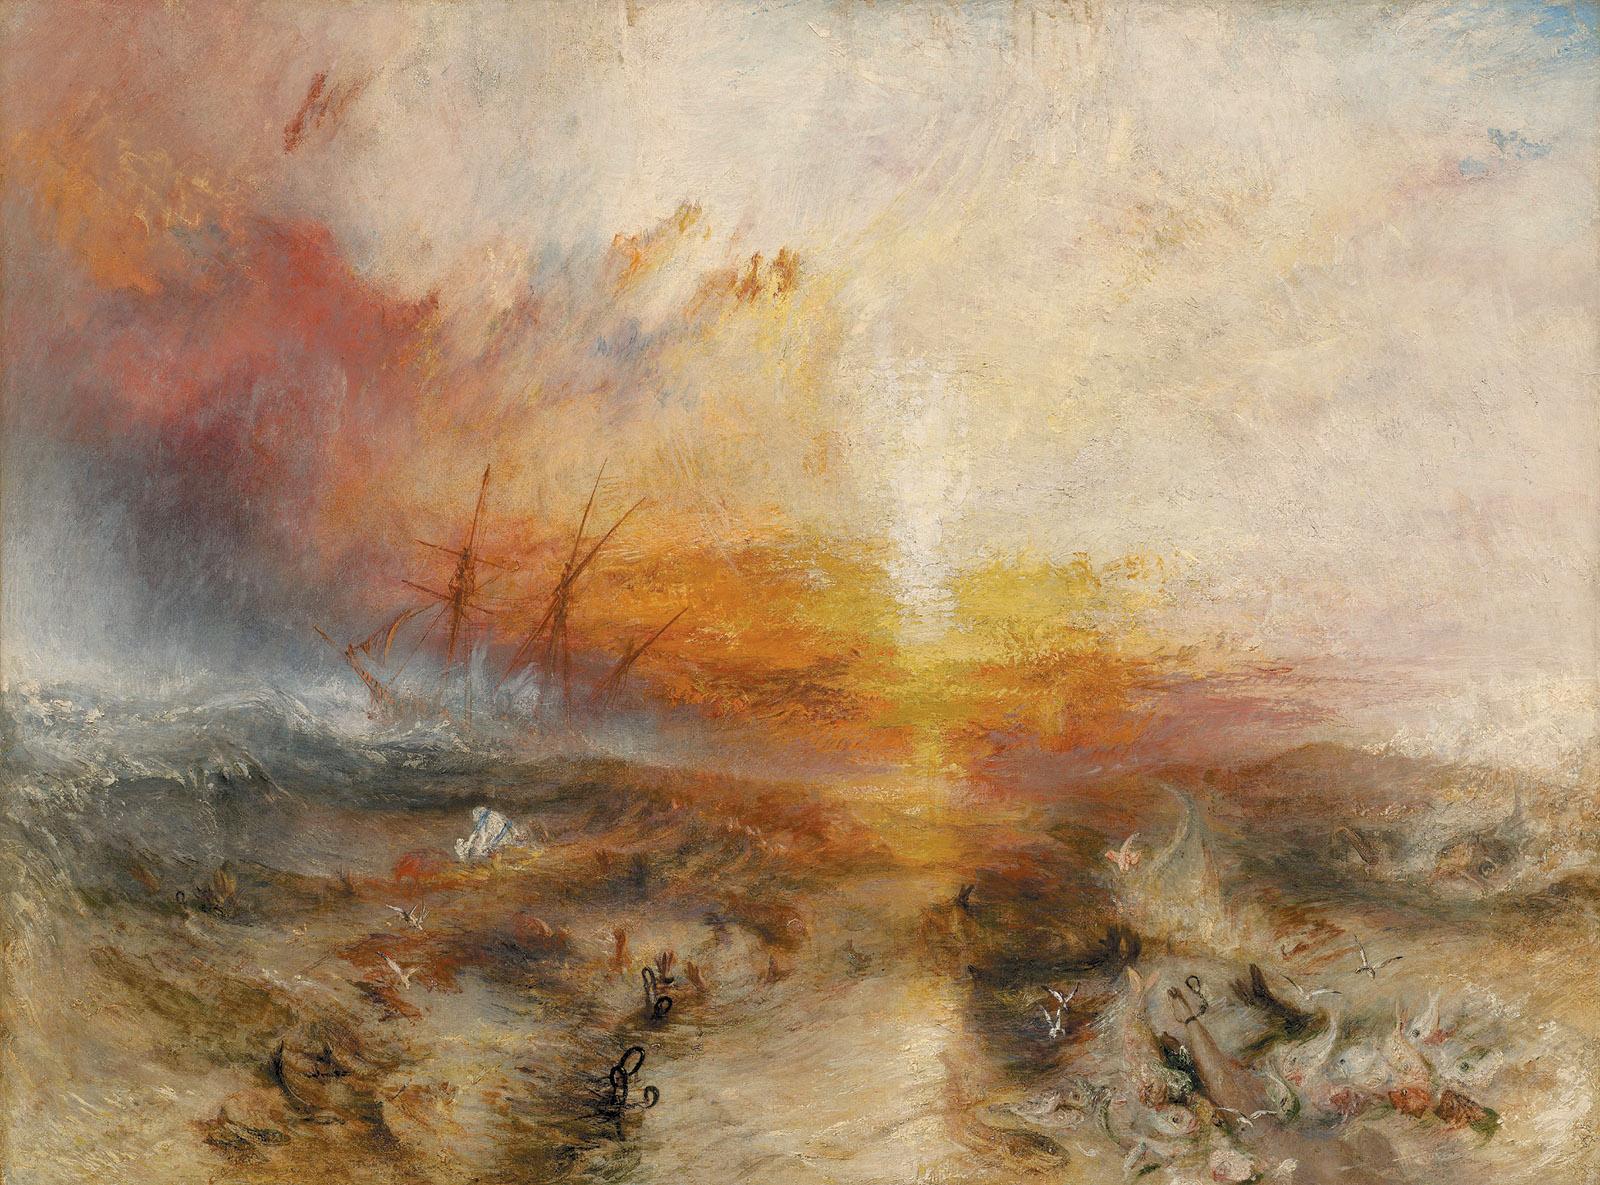 J.M.W. Turner: Slave Ship, 1840